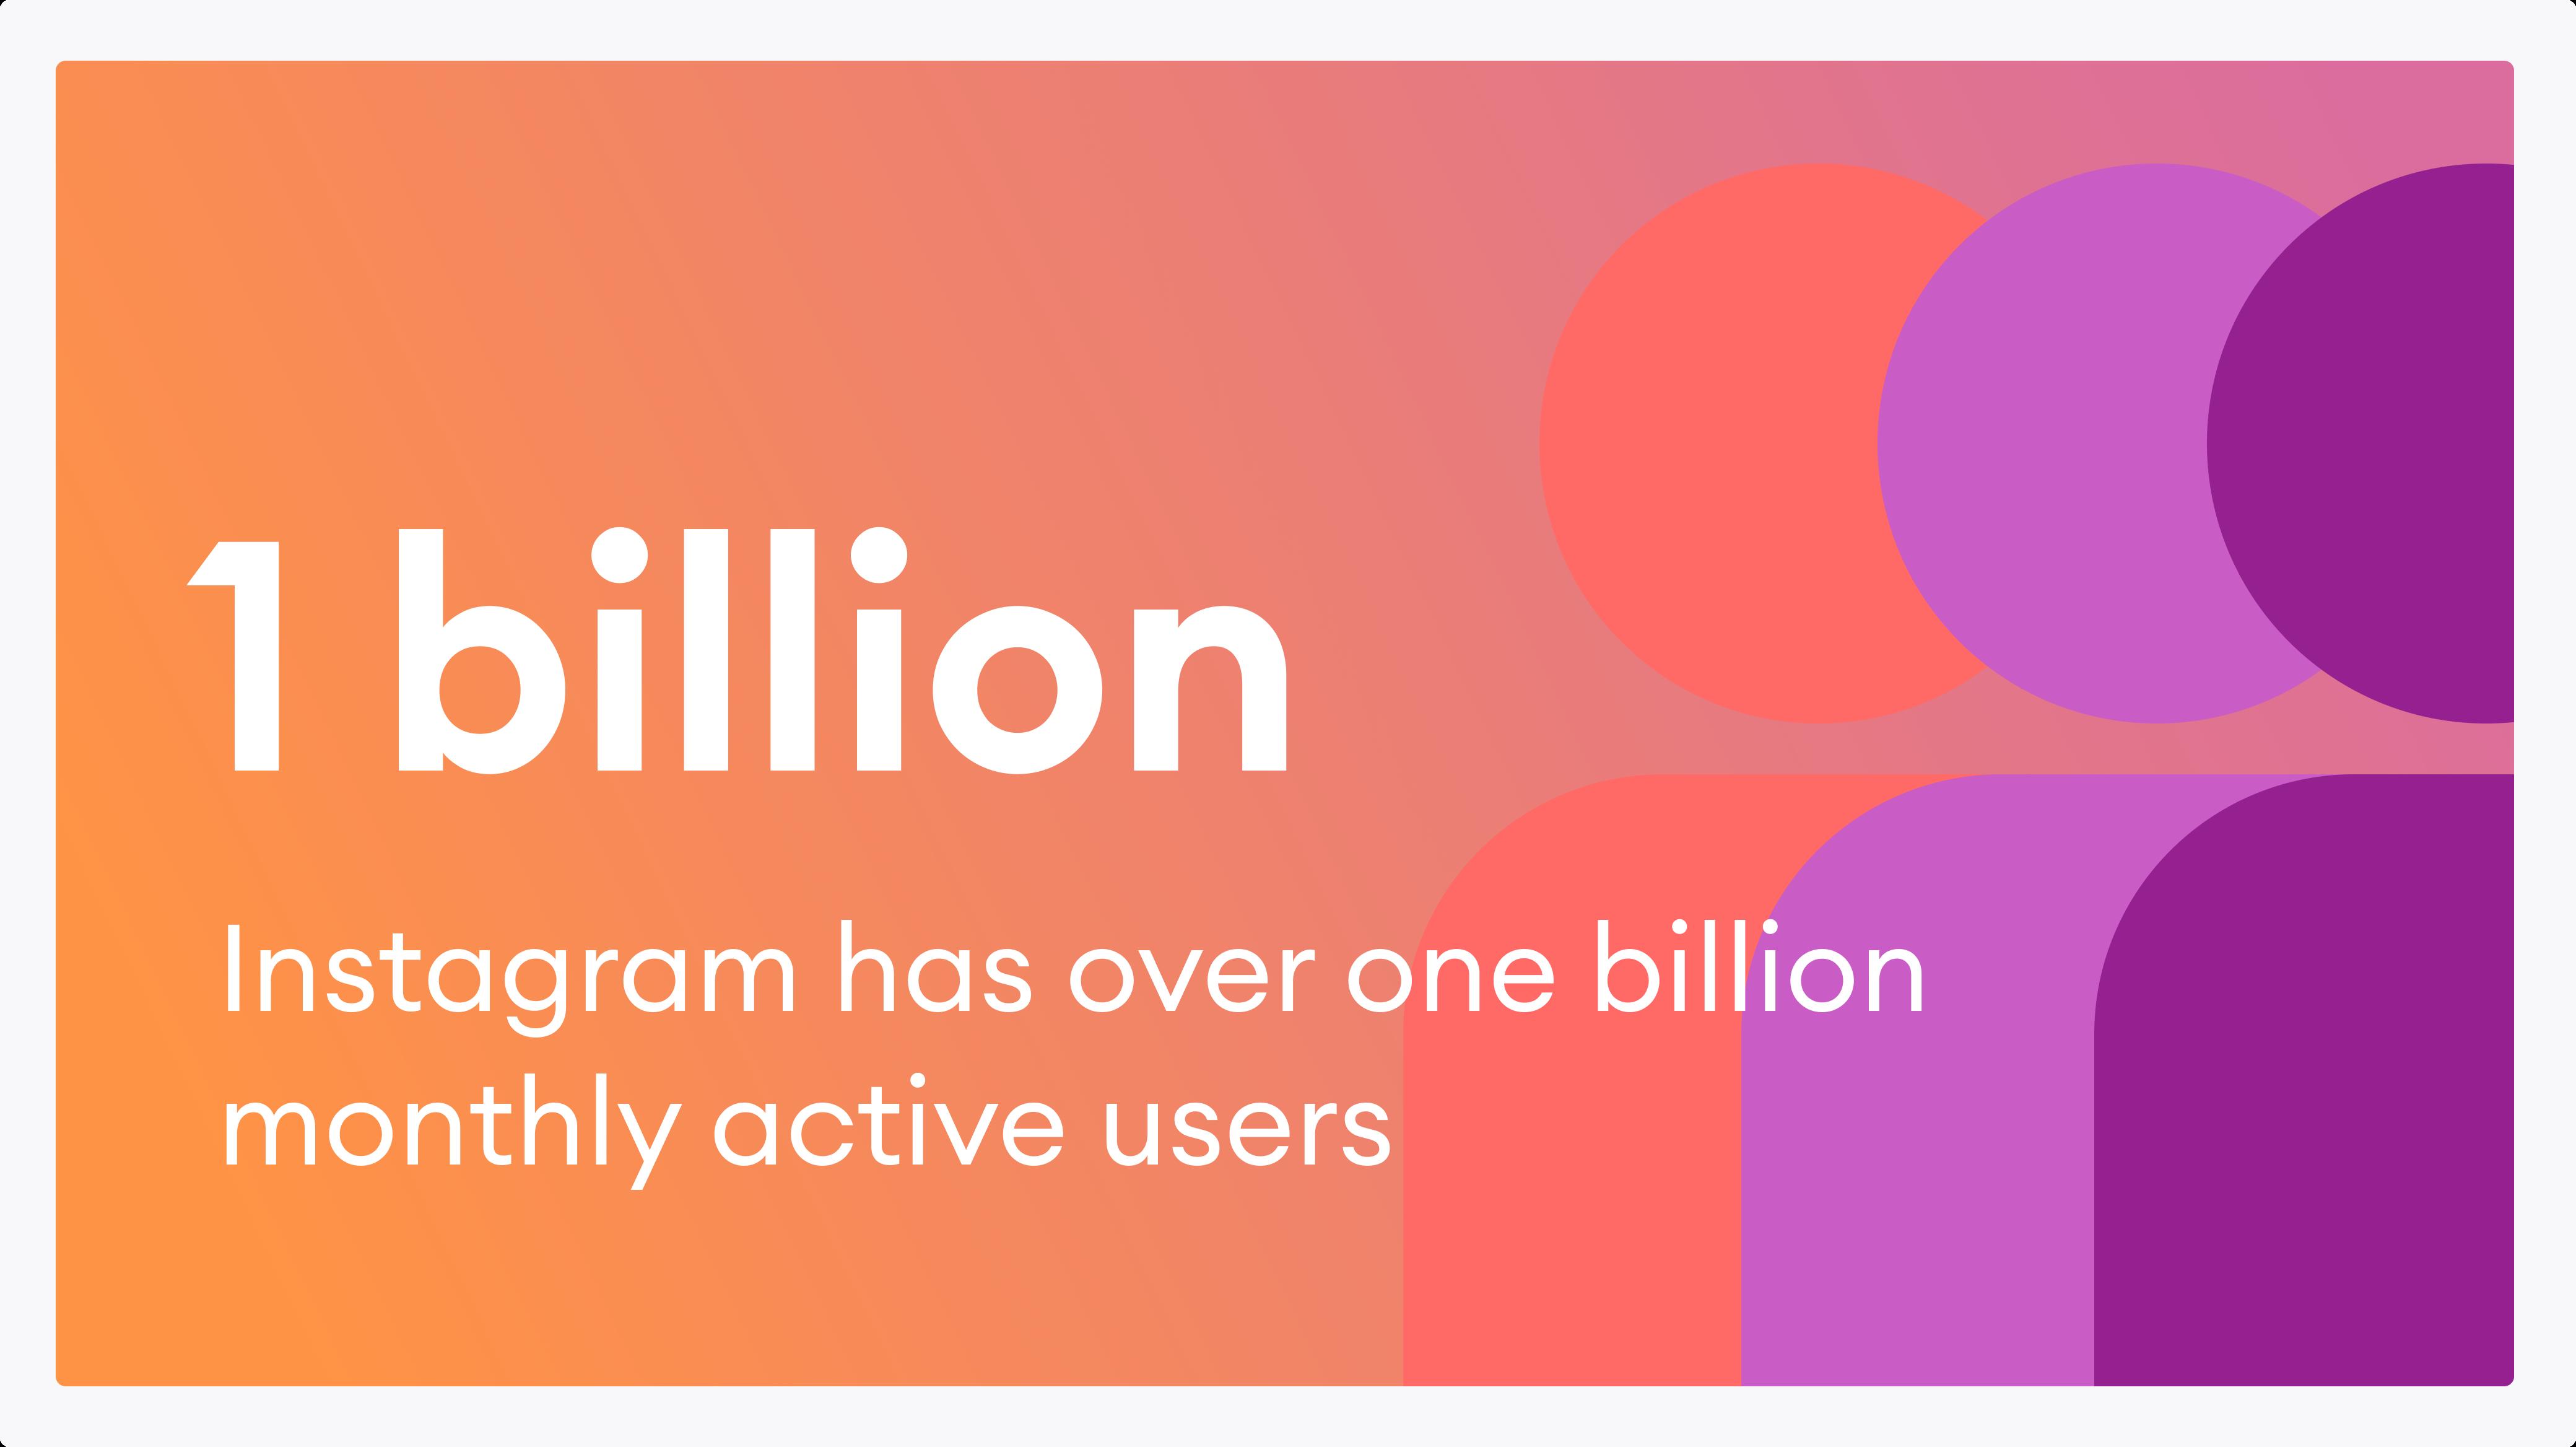 ứng dụng Instagram có hơn một tỷ người dùng hoạt động hàng tháng trên toàn cầu